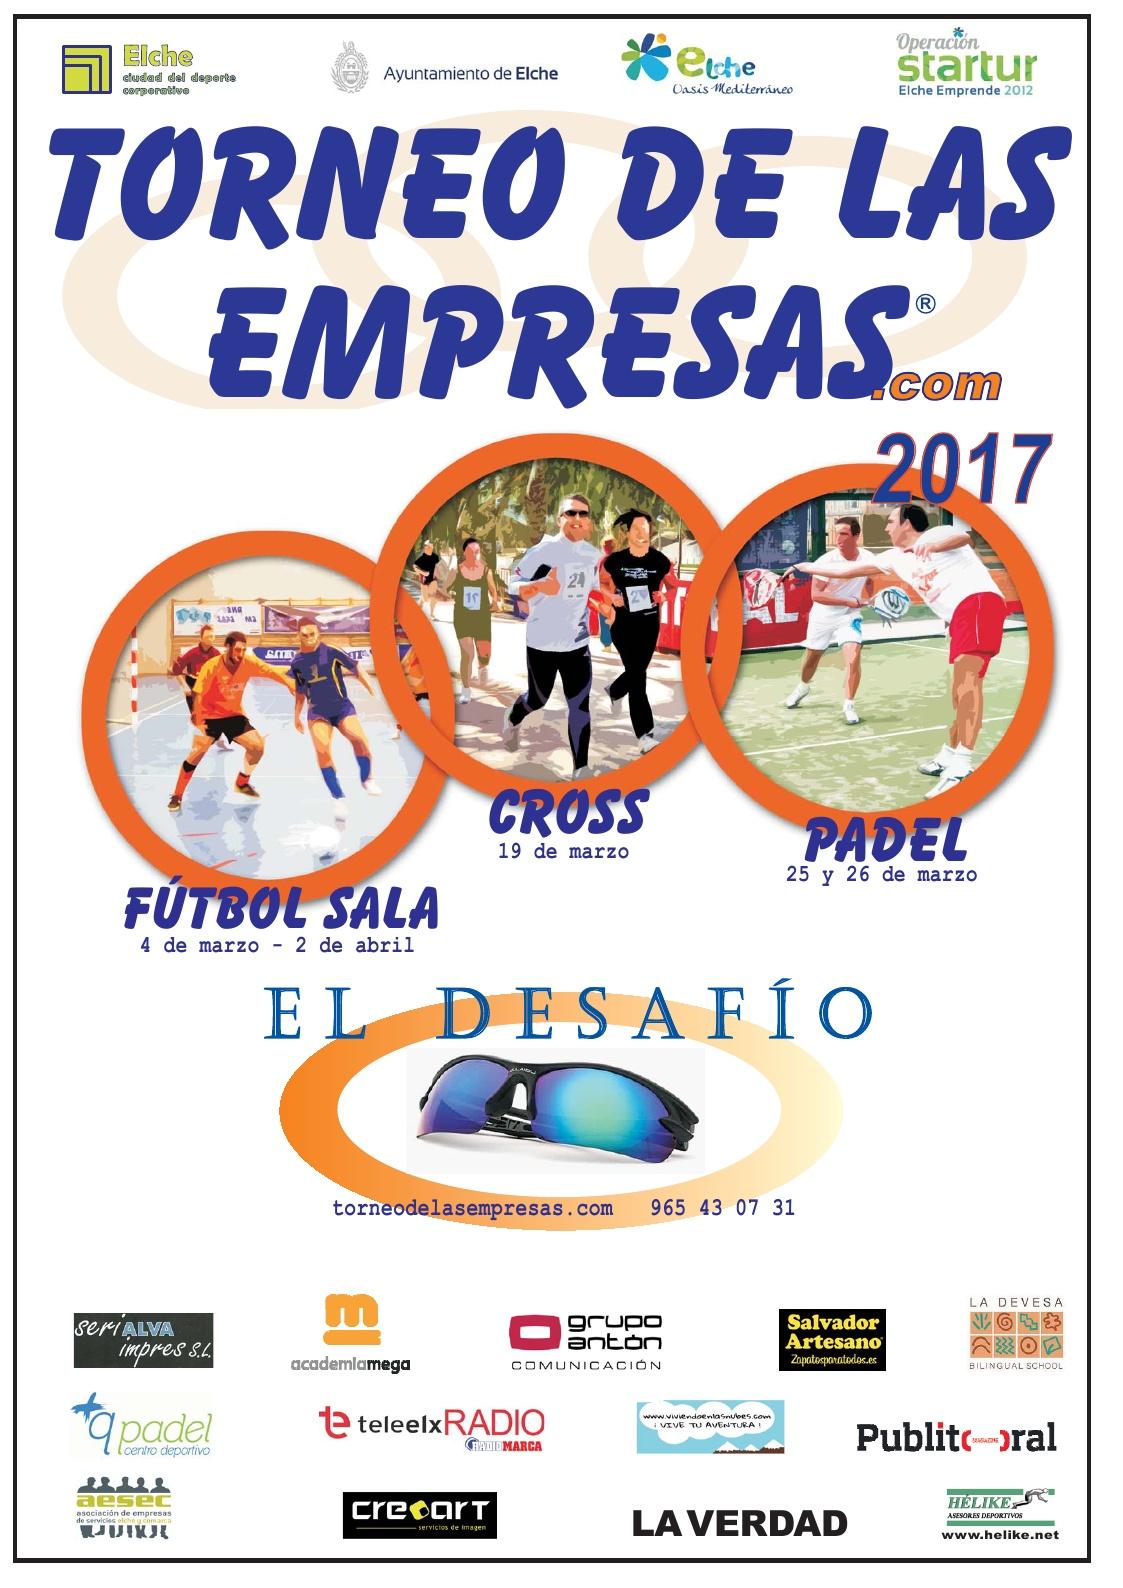 cartel-2017torneo-empresas